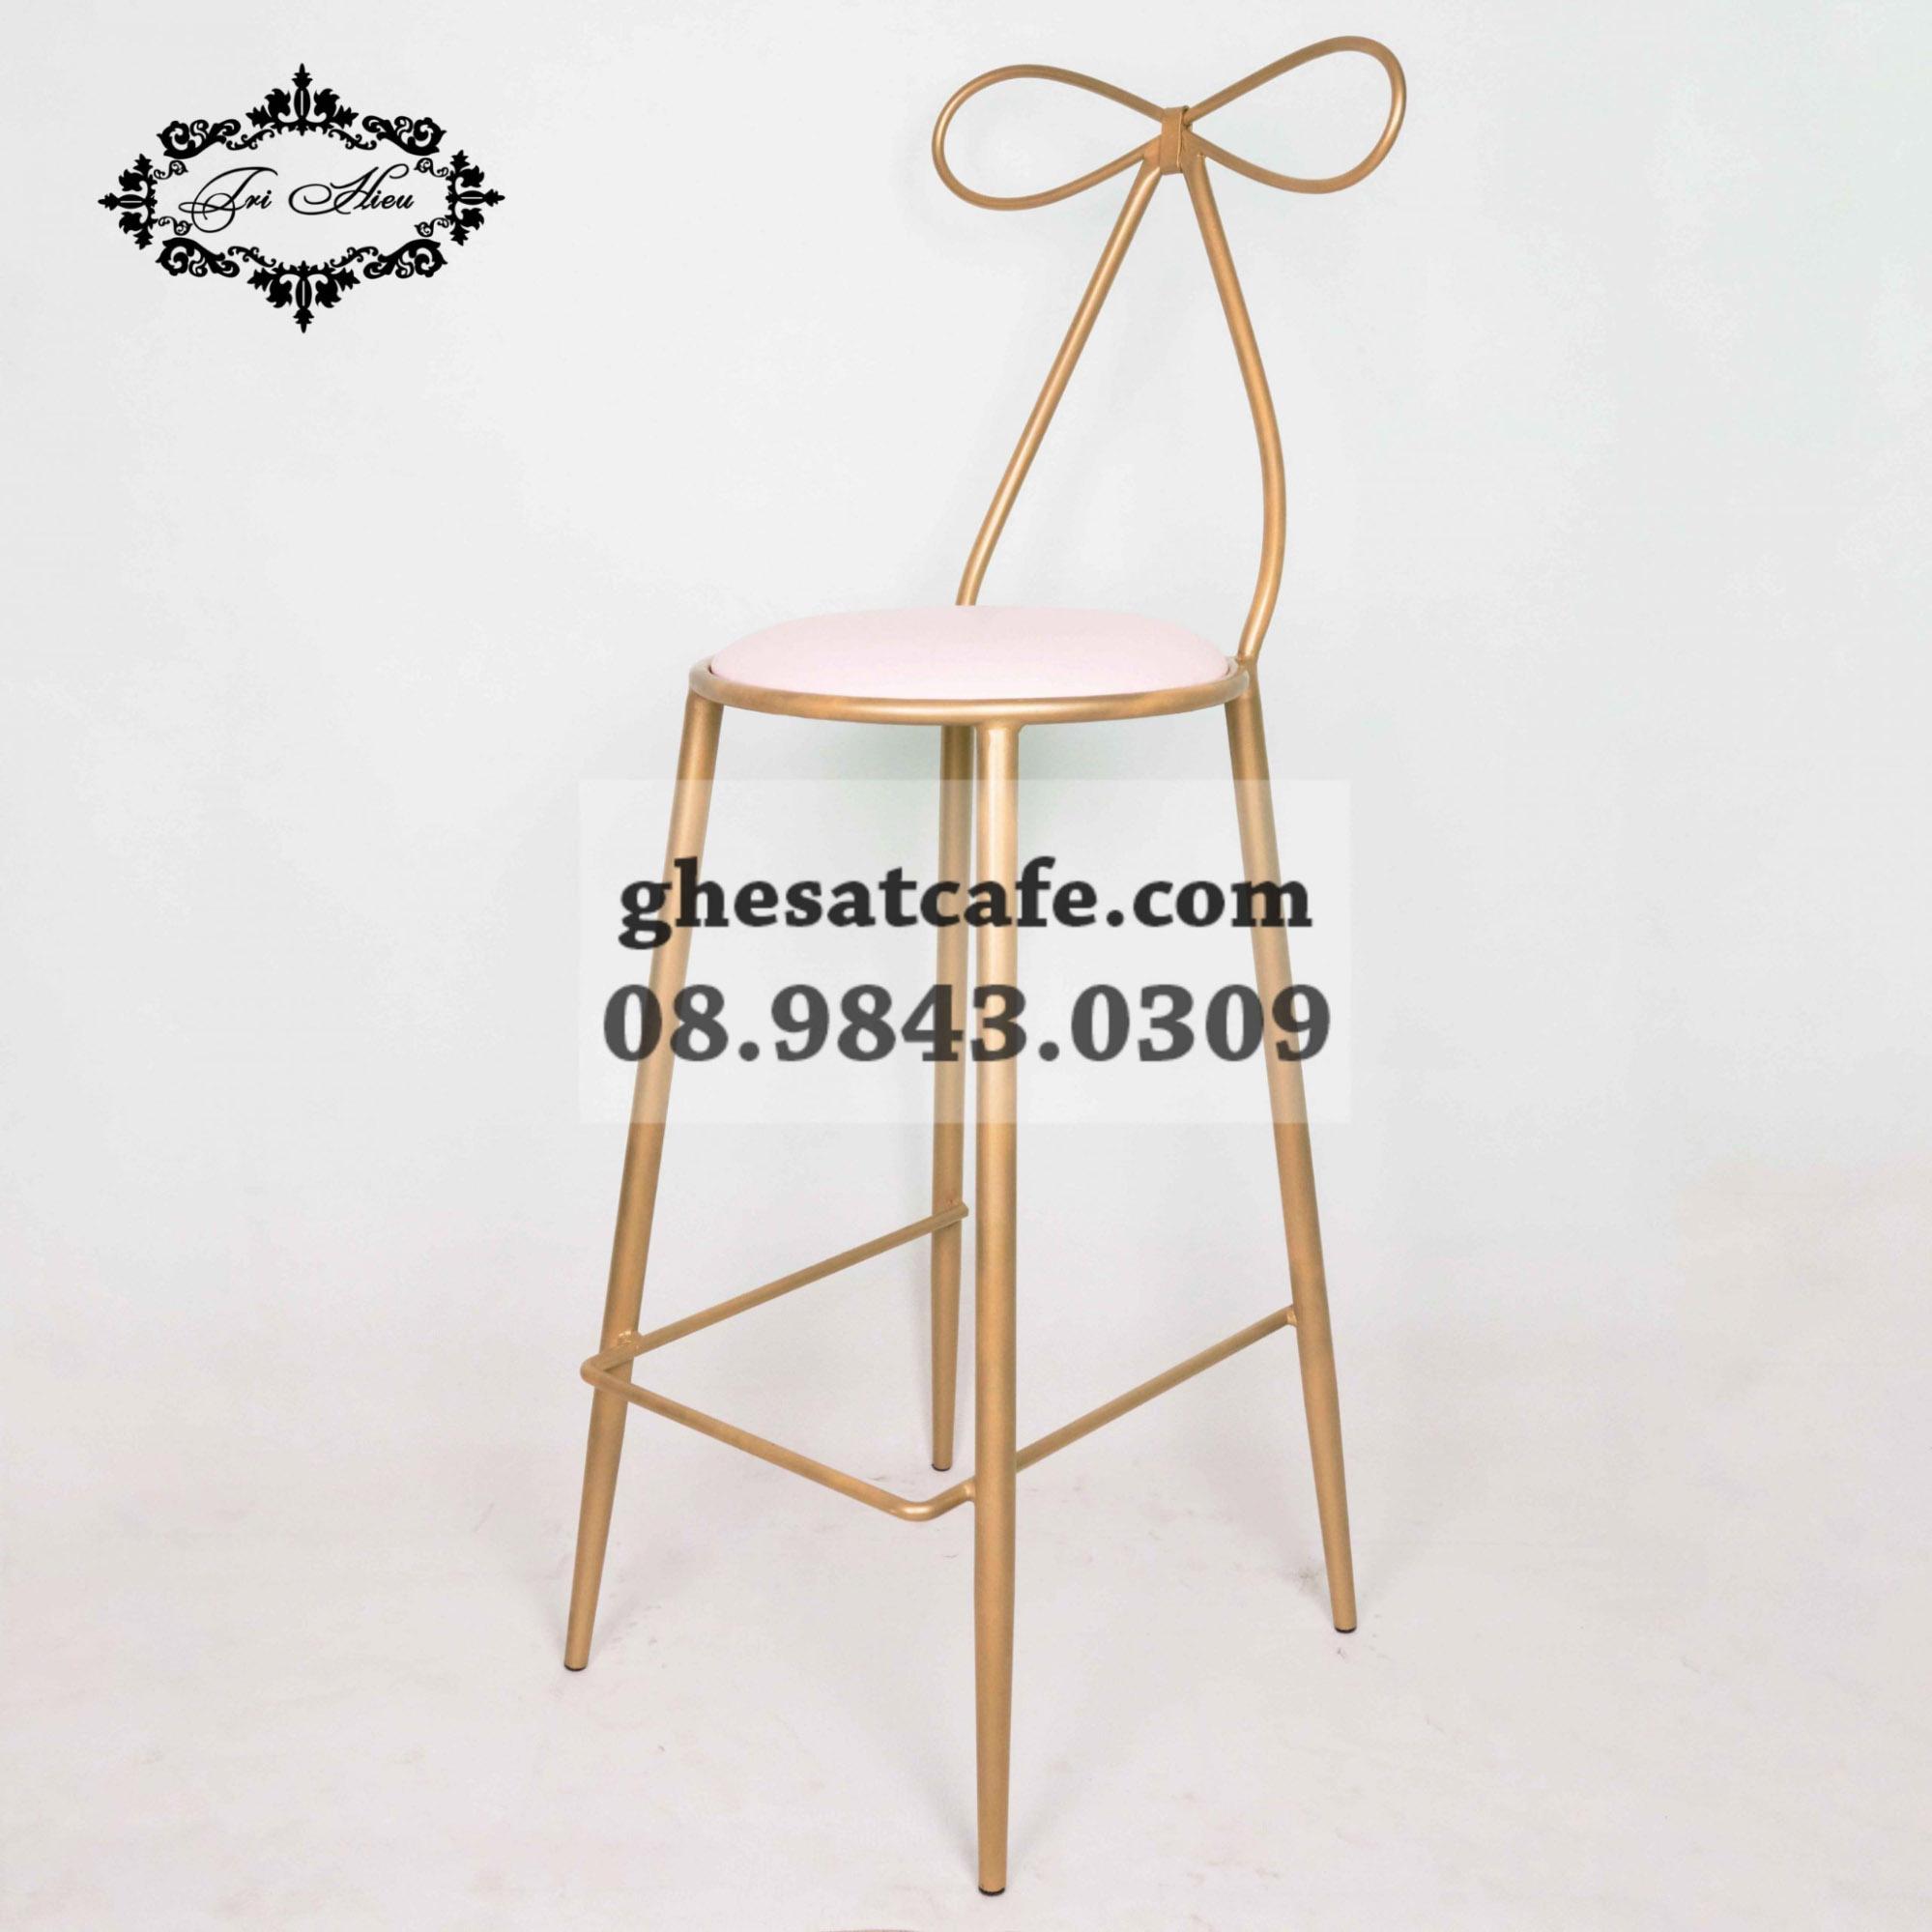 ghế bar màu hồng (2)